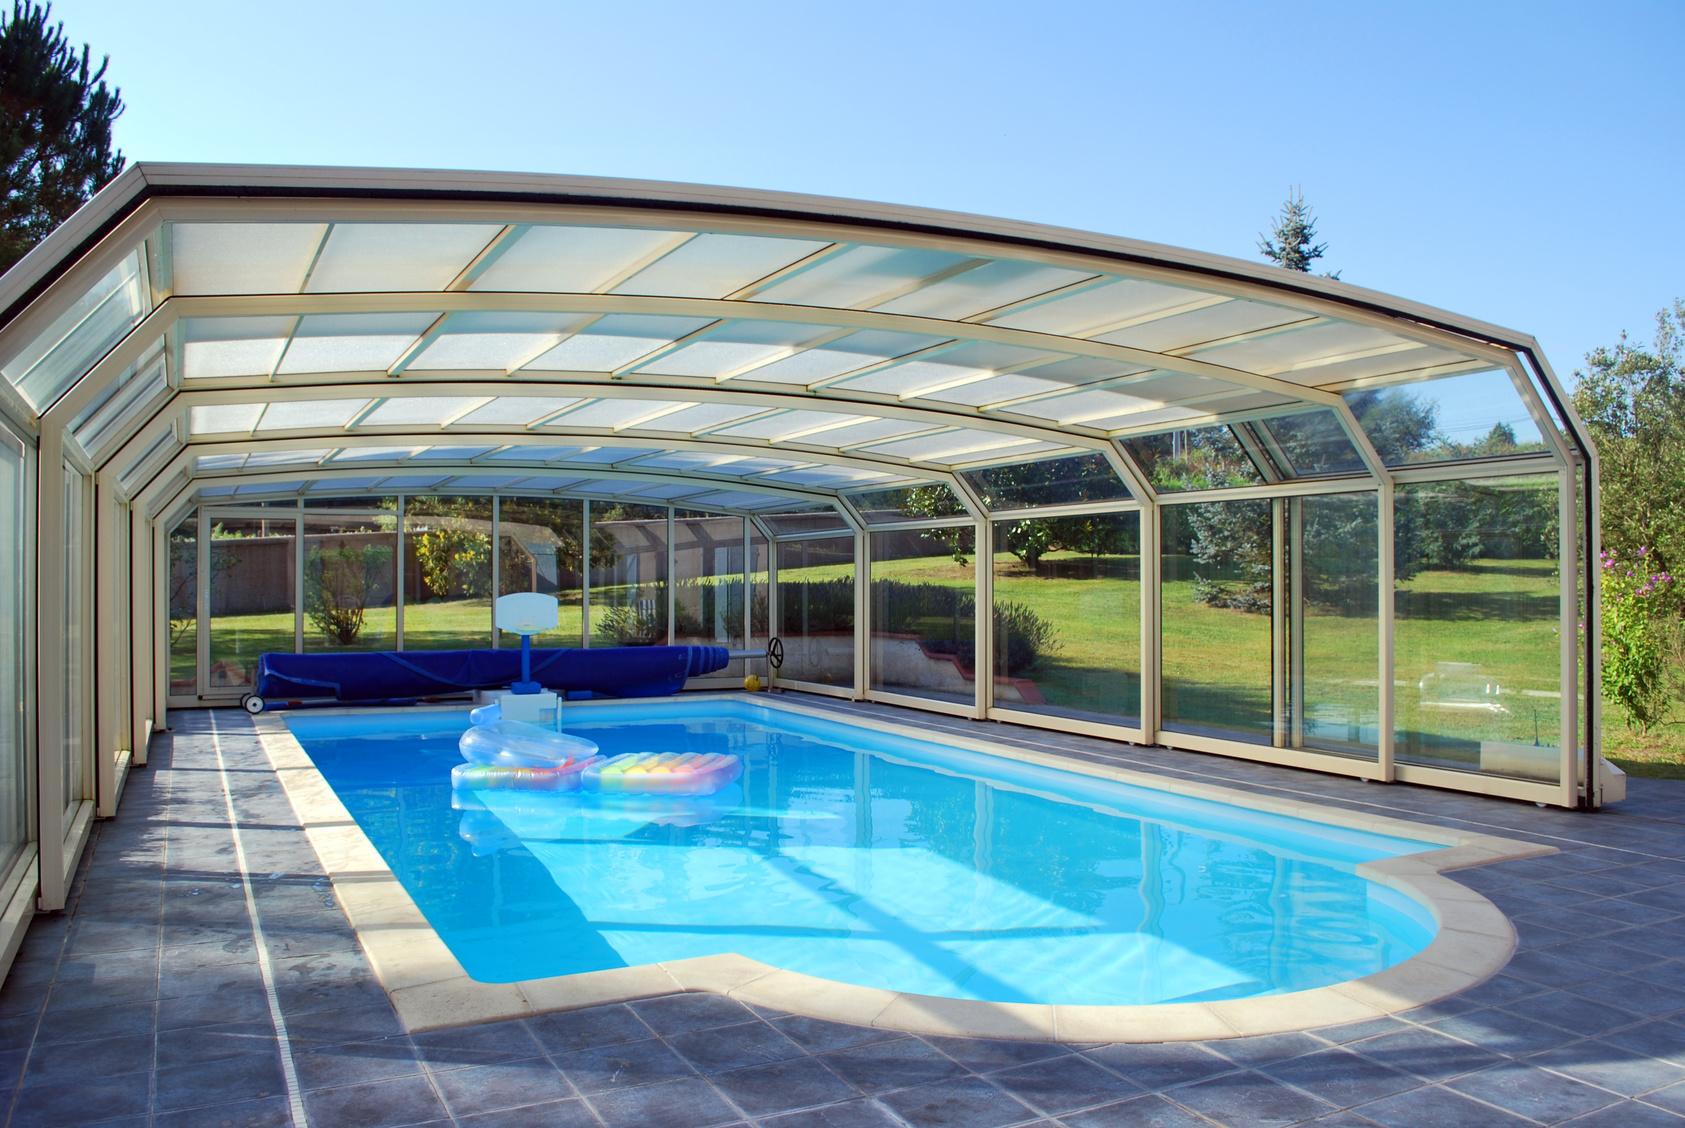 Logiciel pour abris de piscine droit cintr t l scopique for Abri de piscine